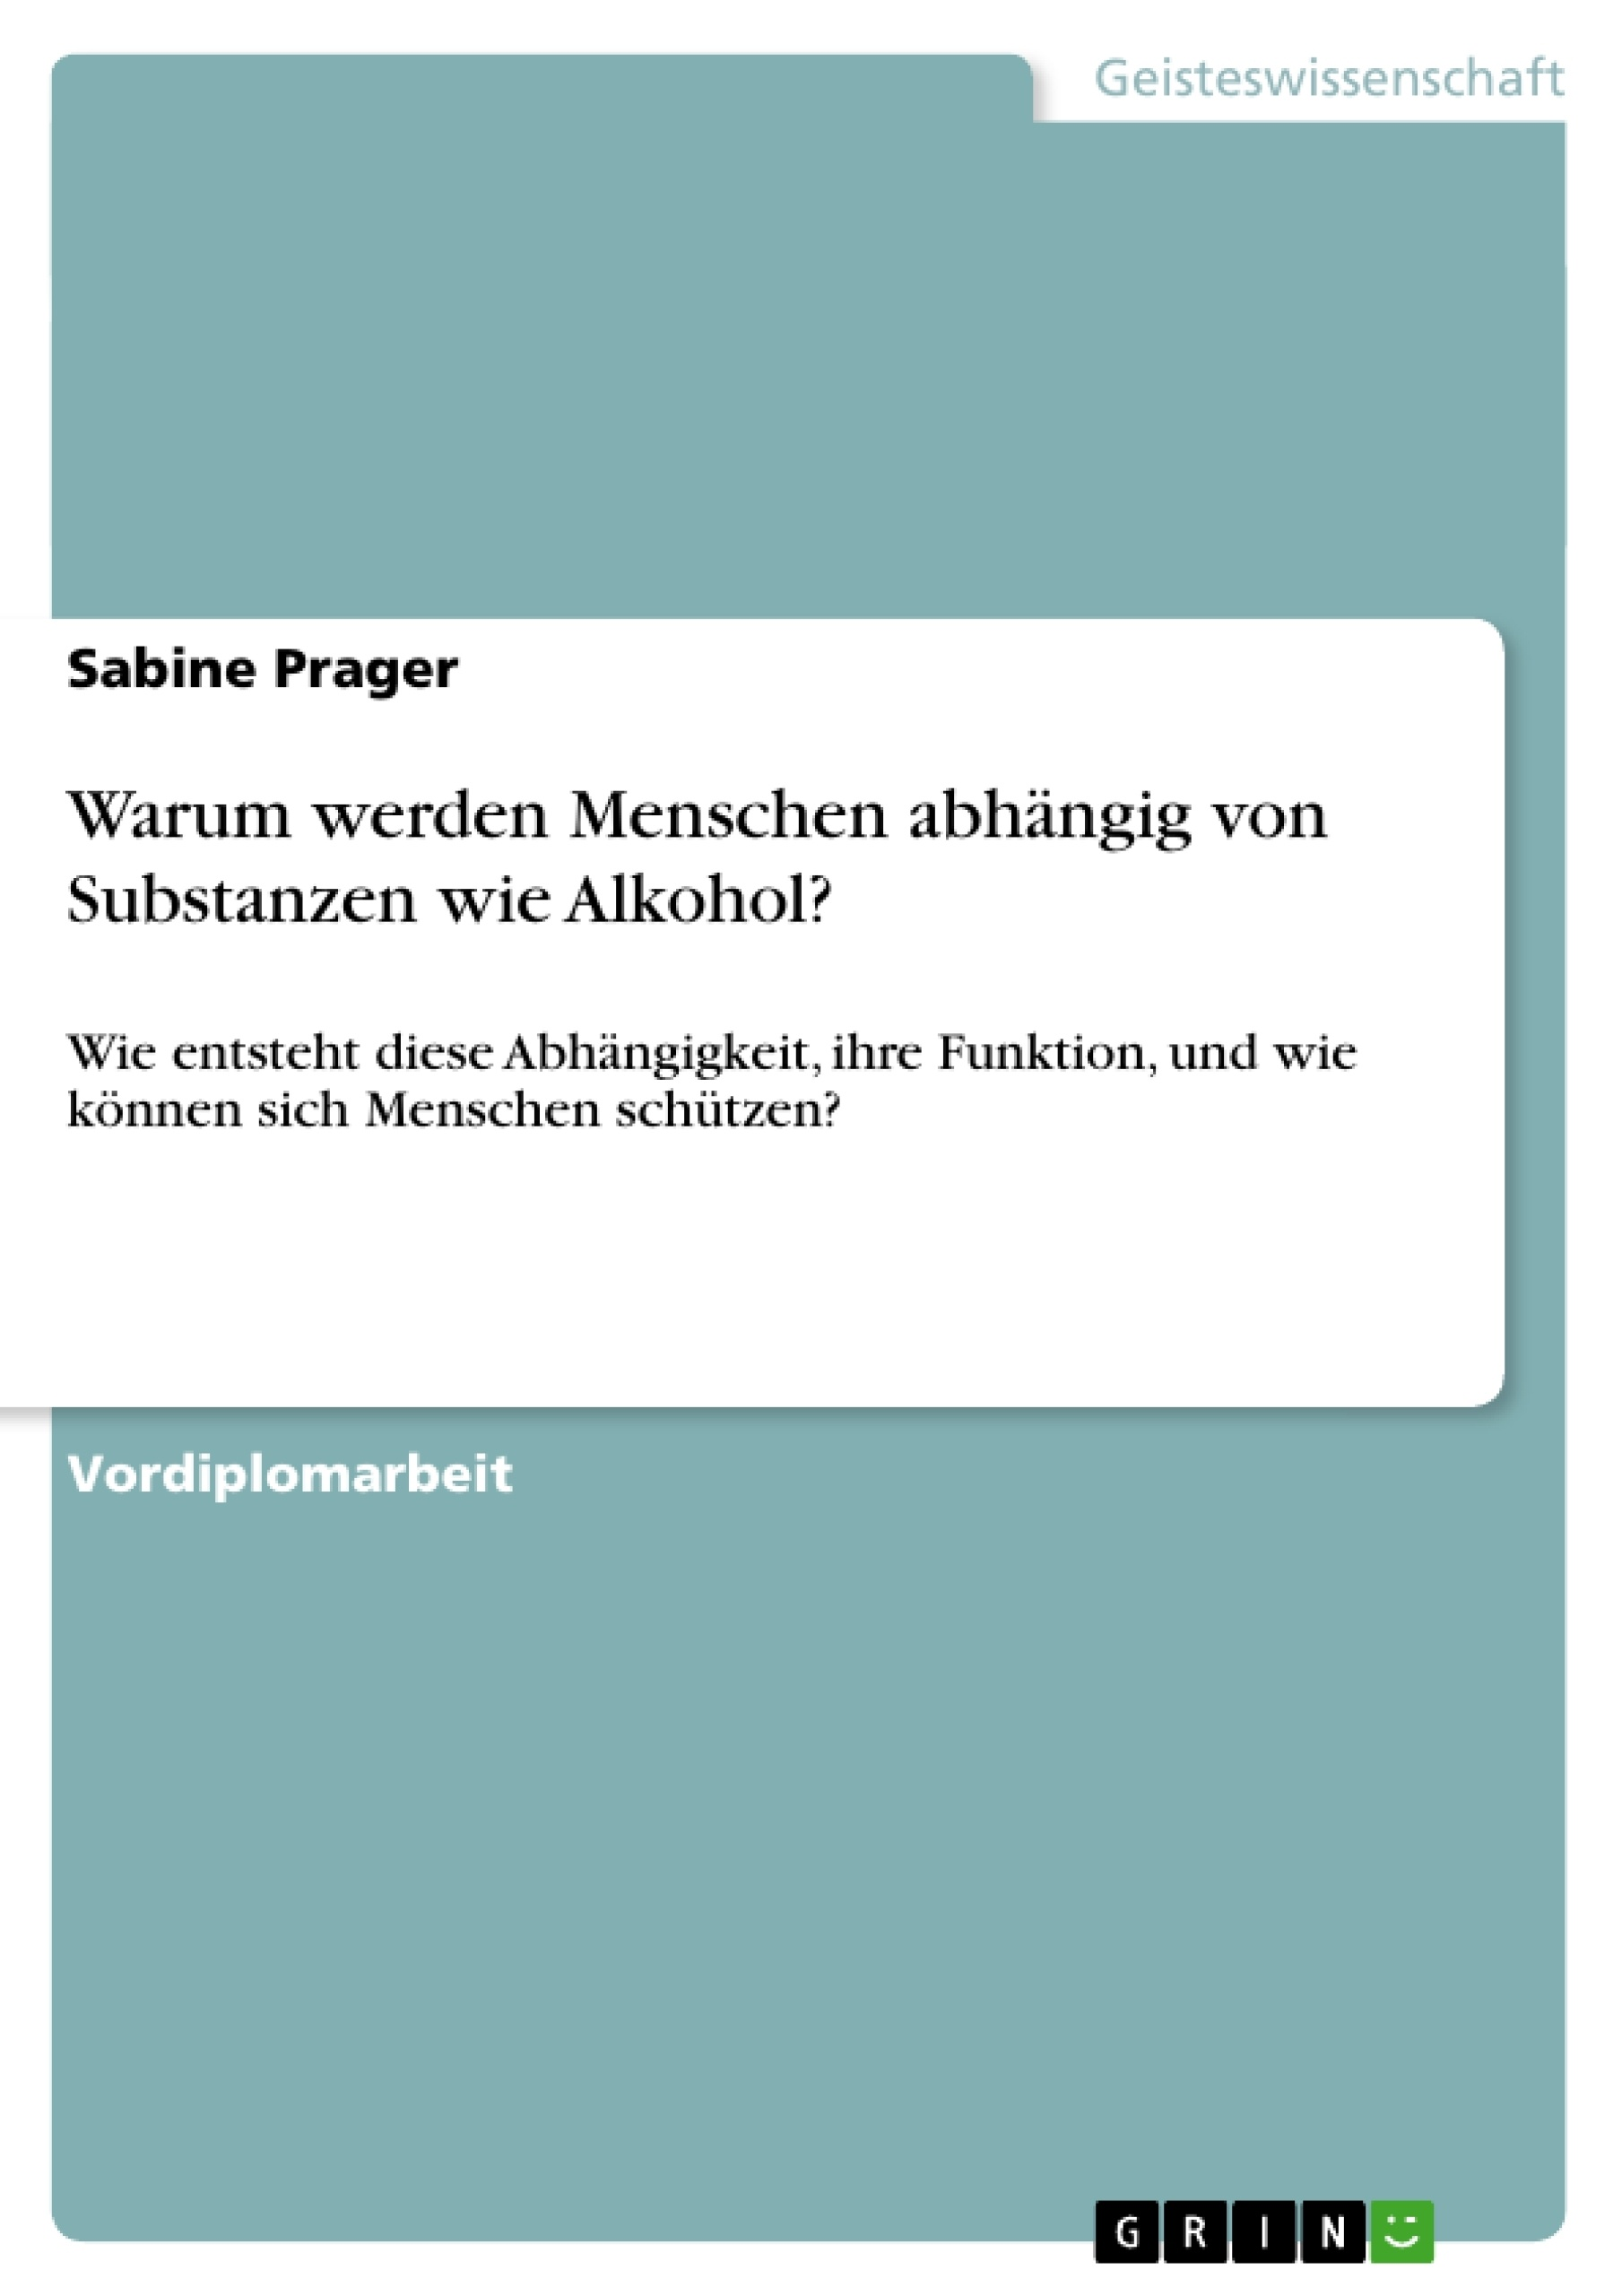 Titel: Warum werden Menschen abhängig von Substanzen wie Alkohol?